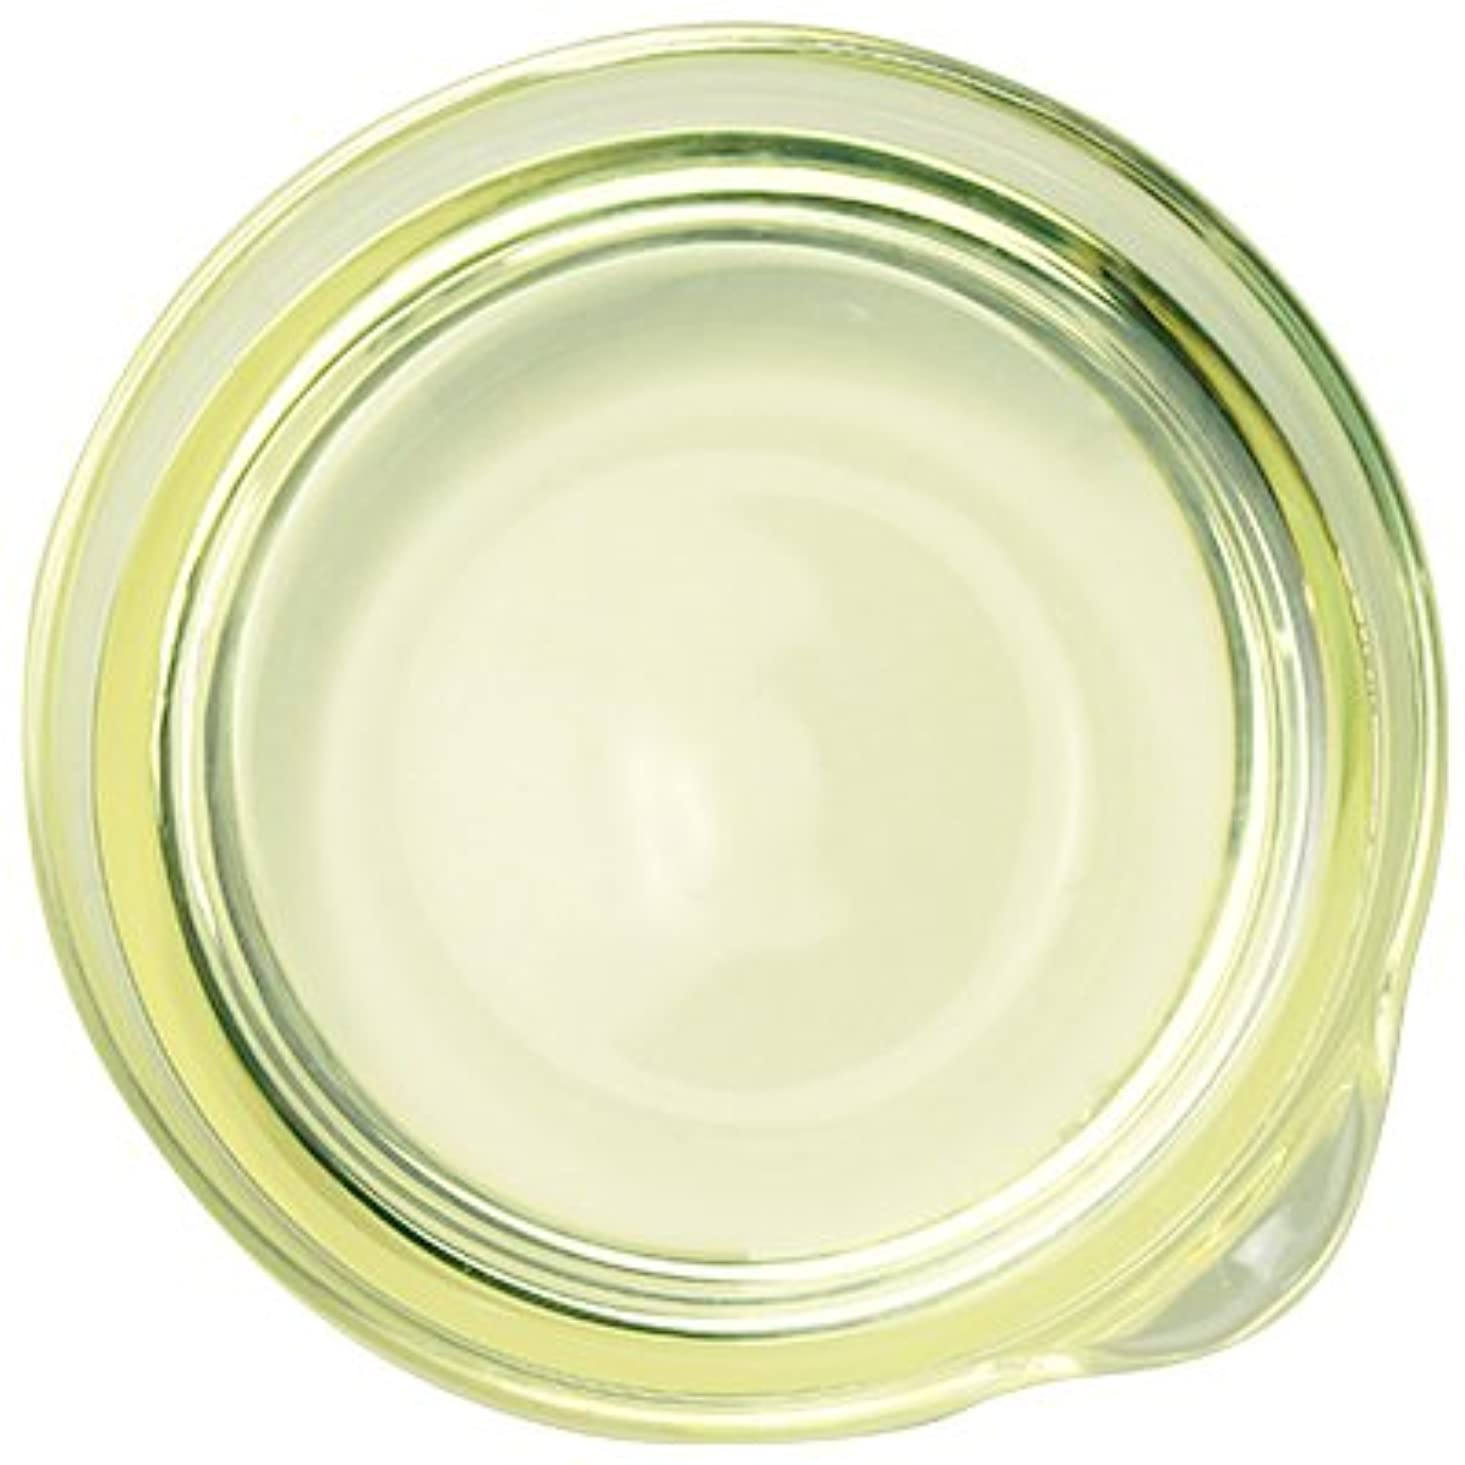 エイズキャッチ甘やかす精製スイートアーモンドオイル 250ml 【手作り石鹸/手作りコスメ/アーモンド油】